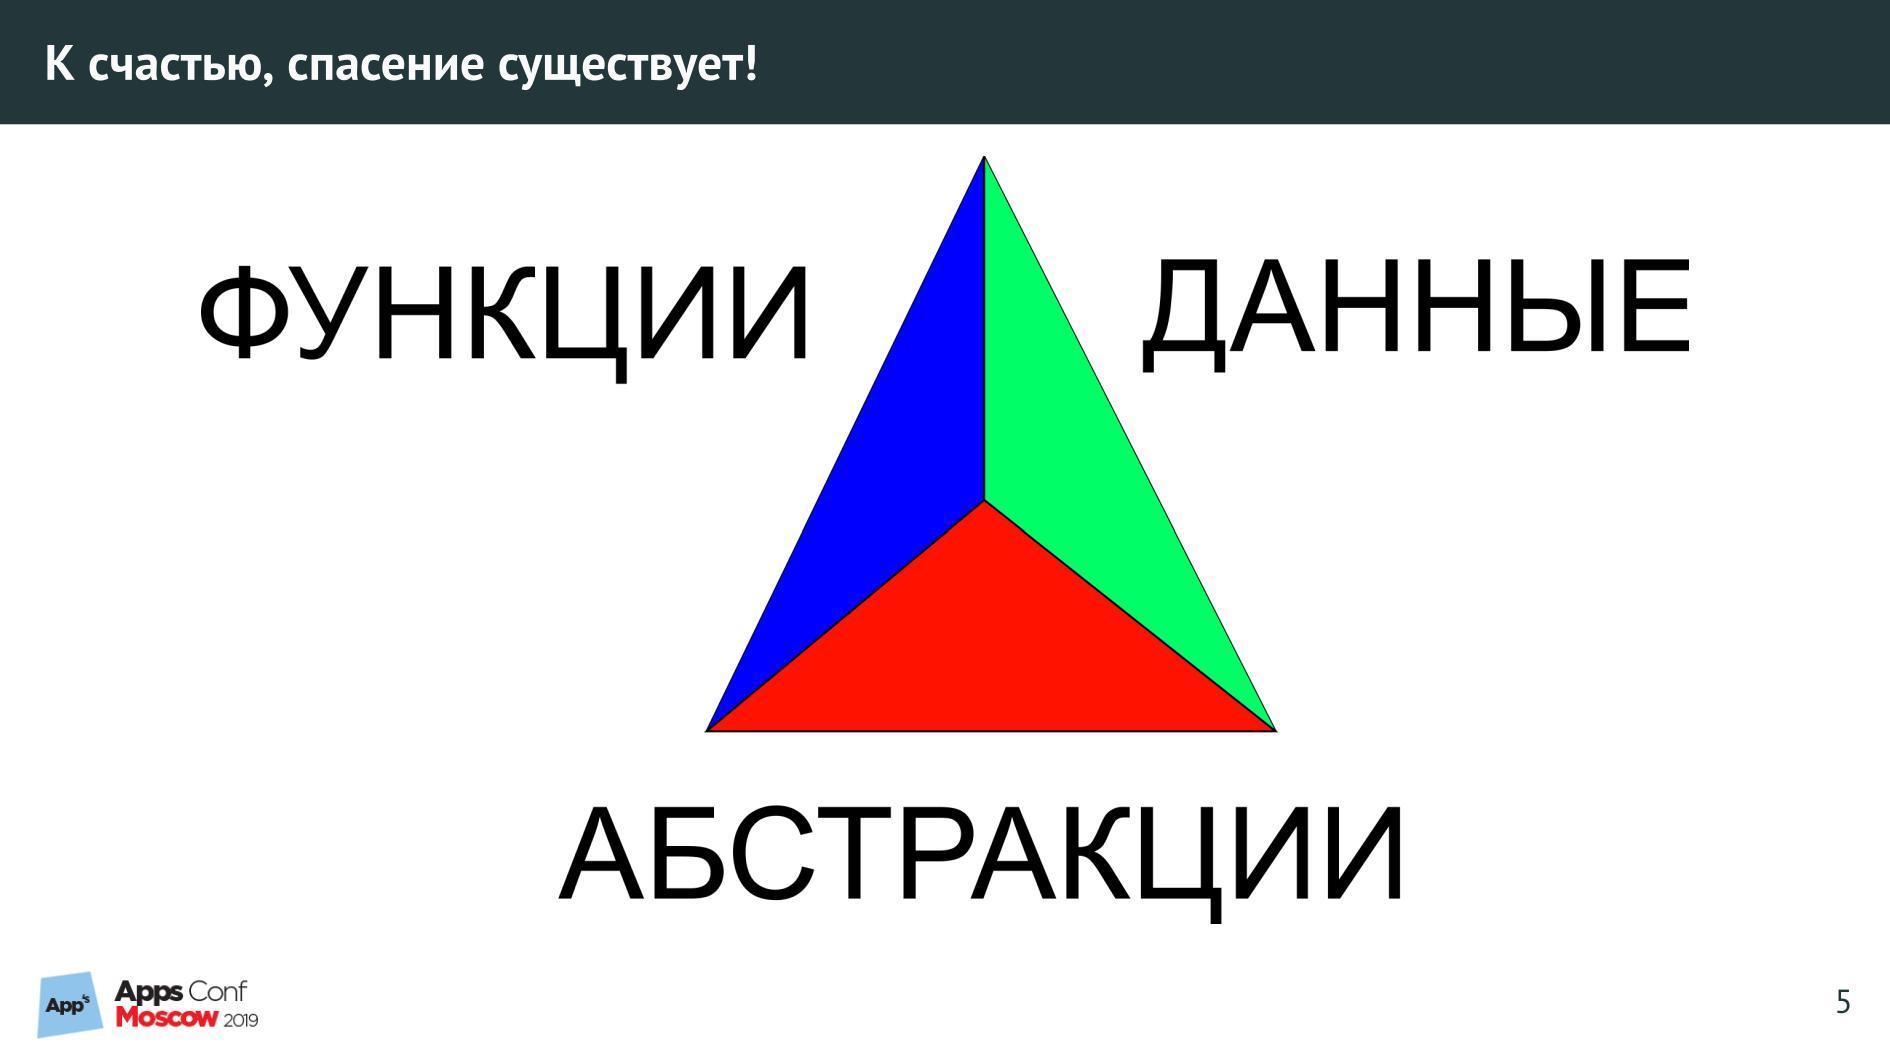 Дайджест интересных материалов для мобильного разработчика #310 (5 — 11 августа) - 2